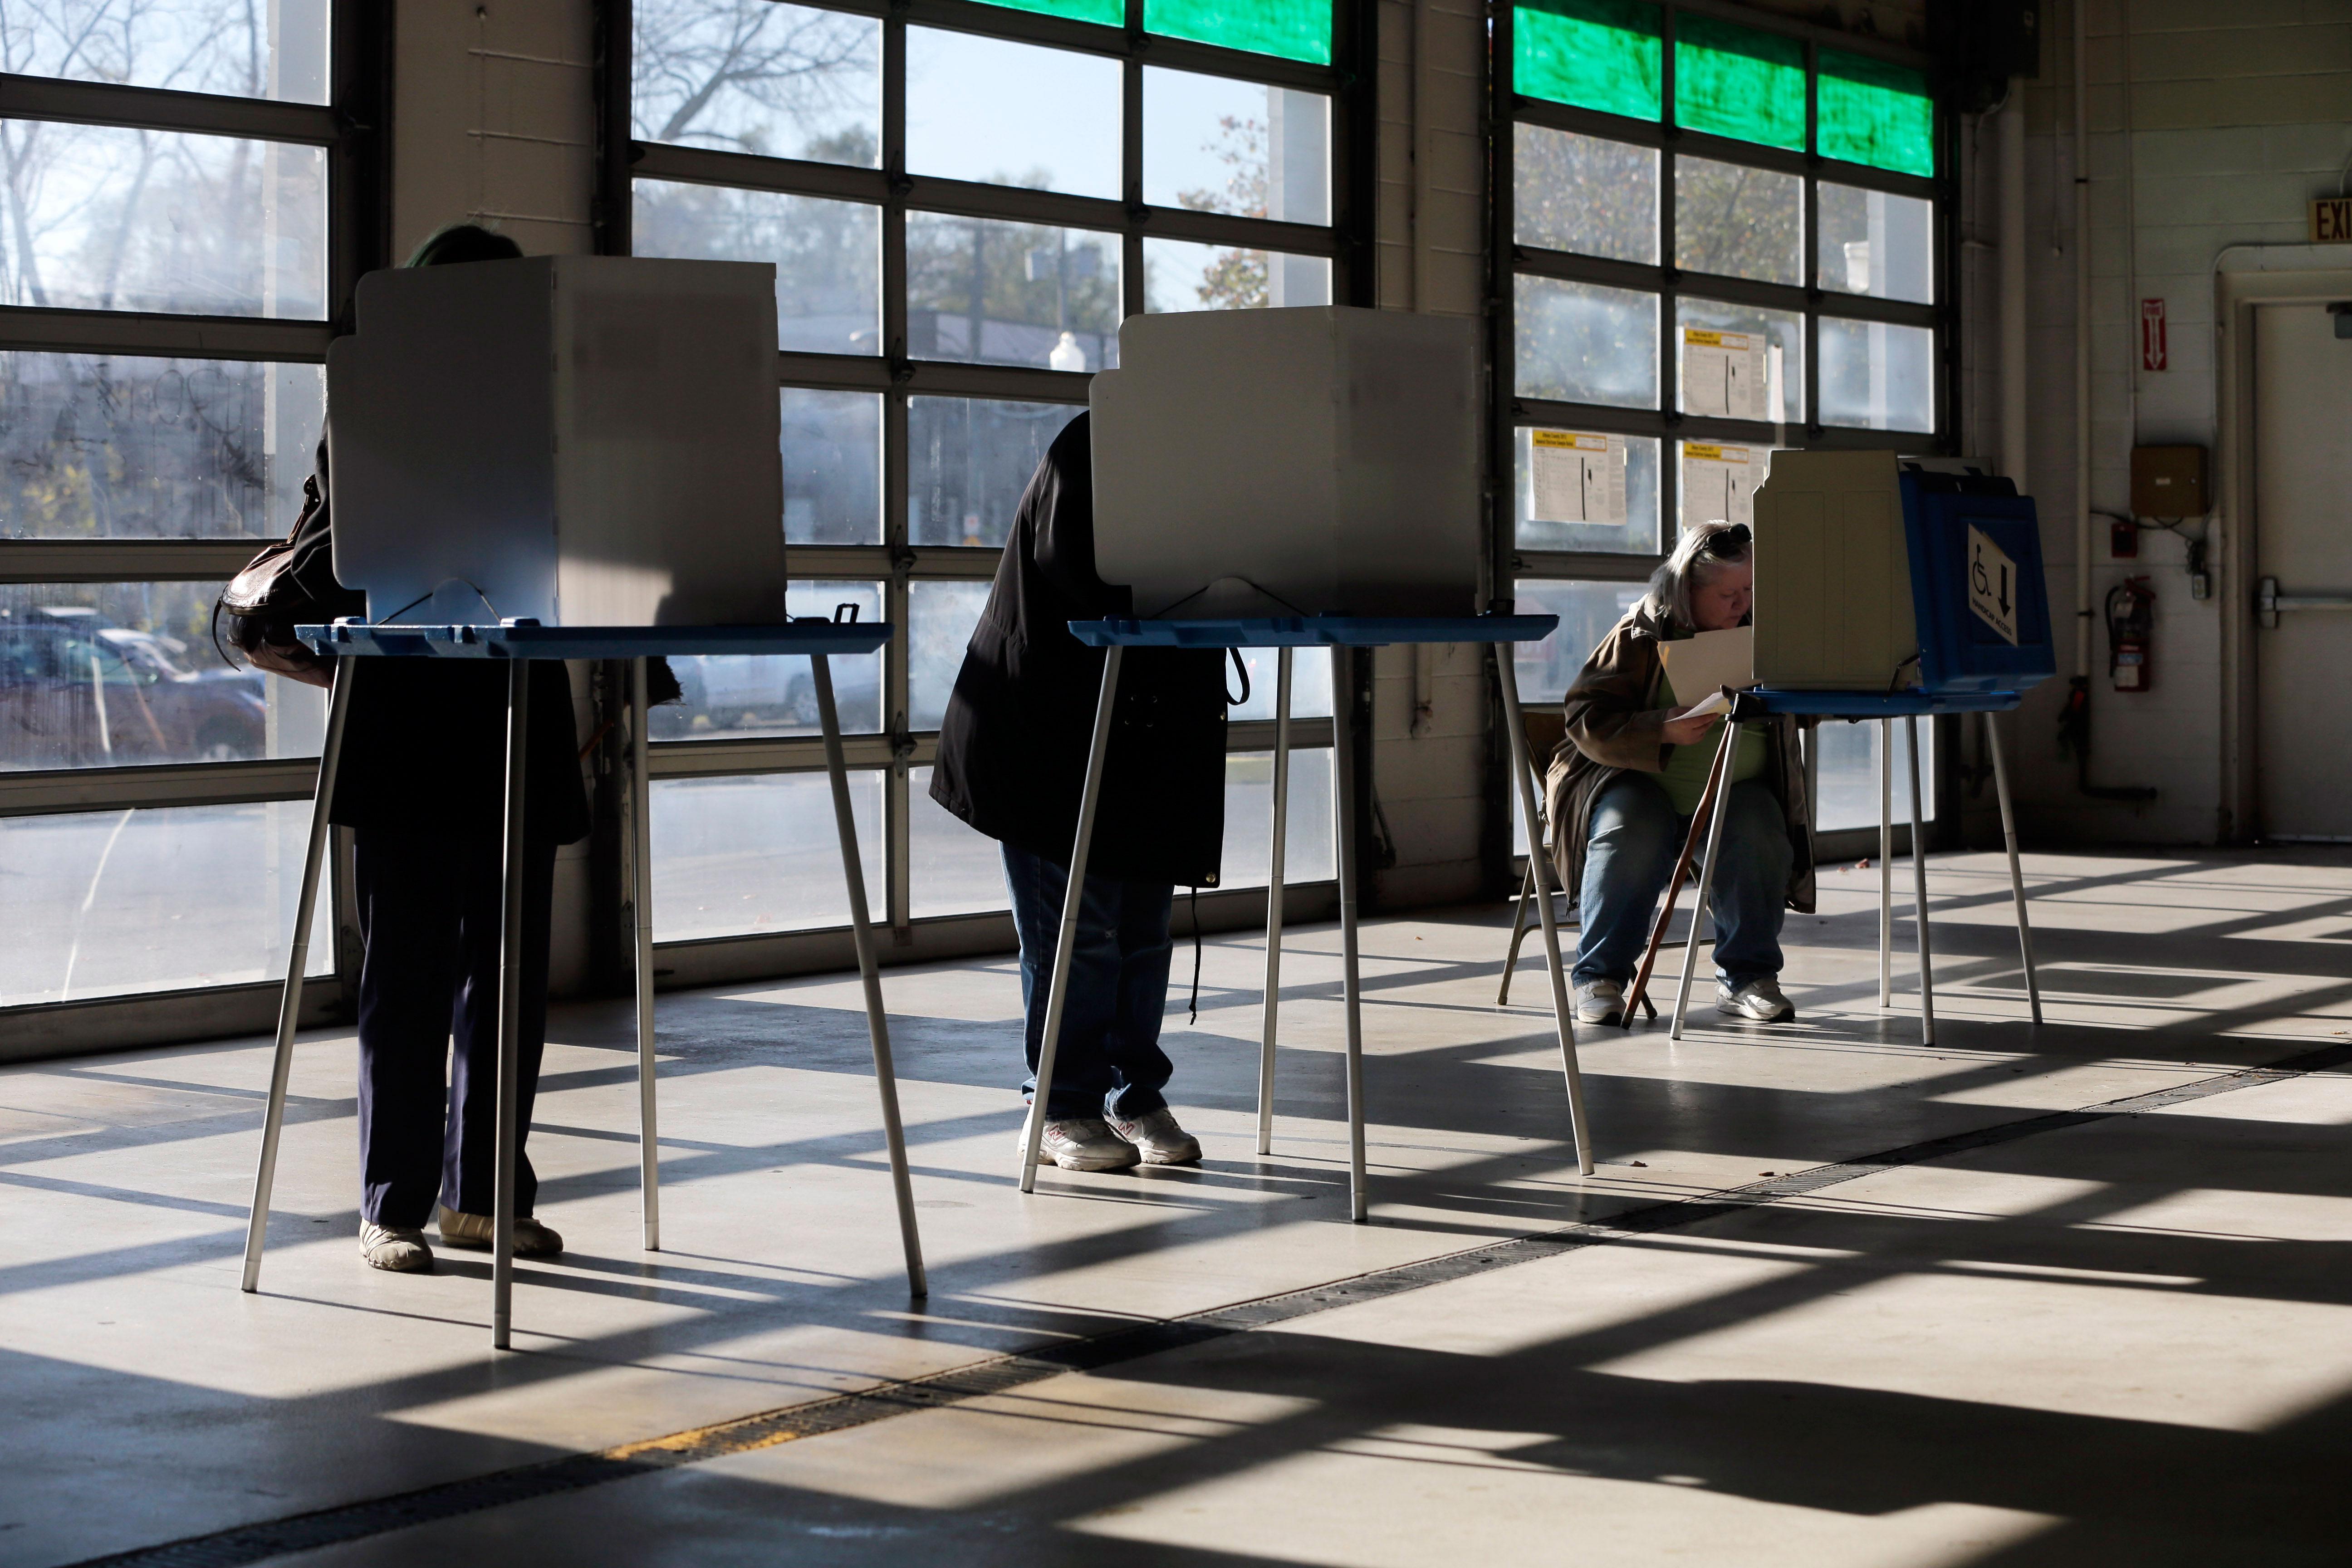 Auto voting